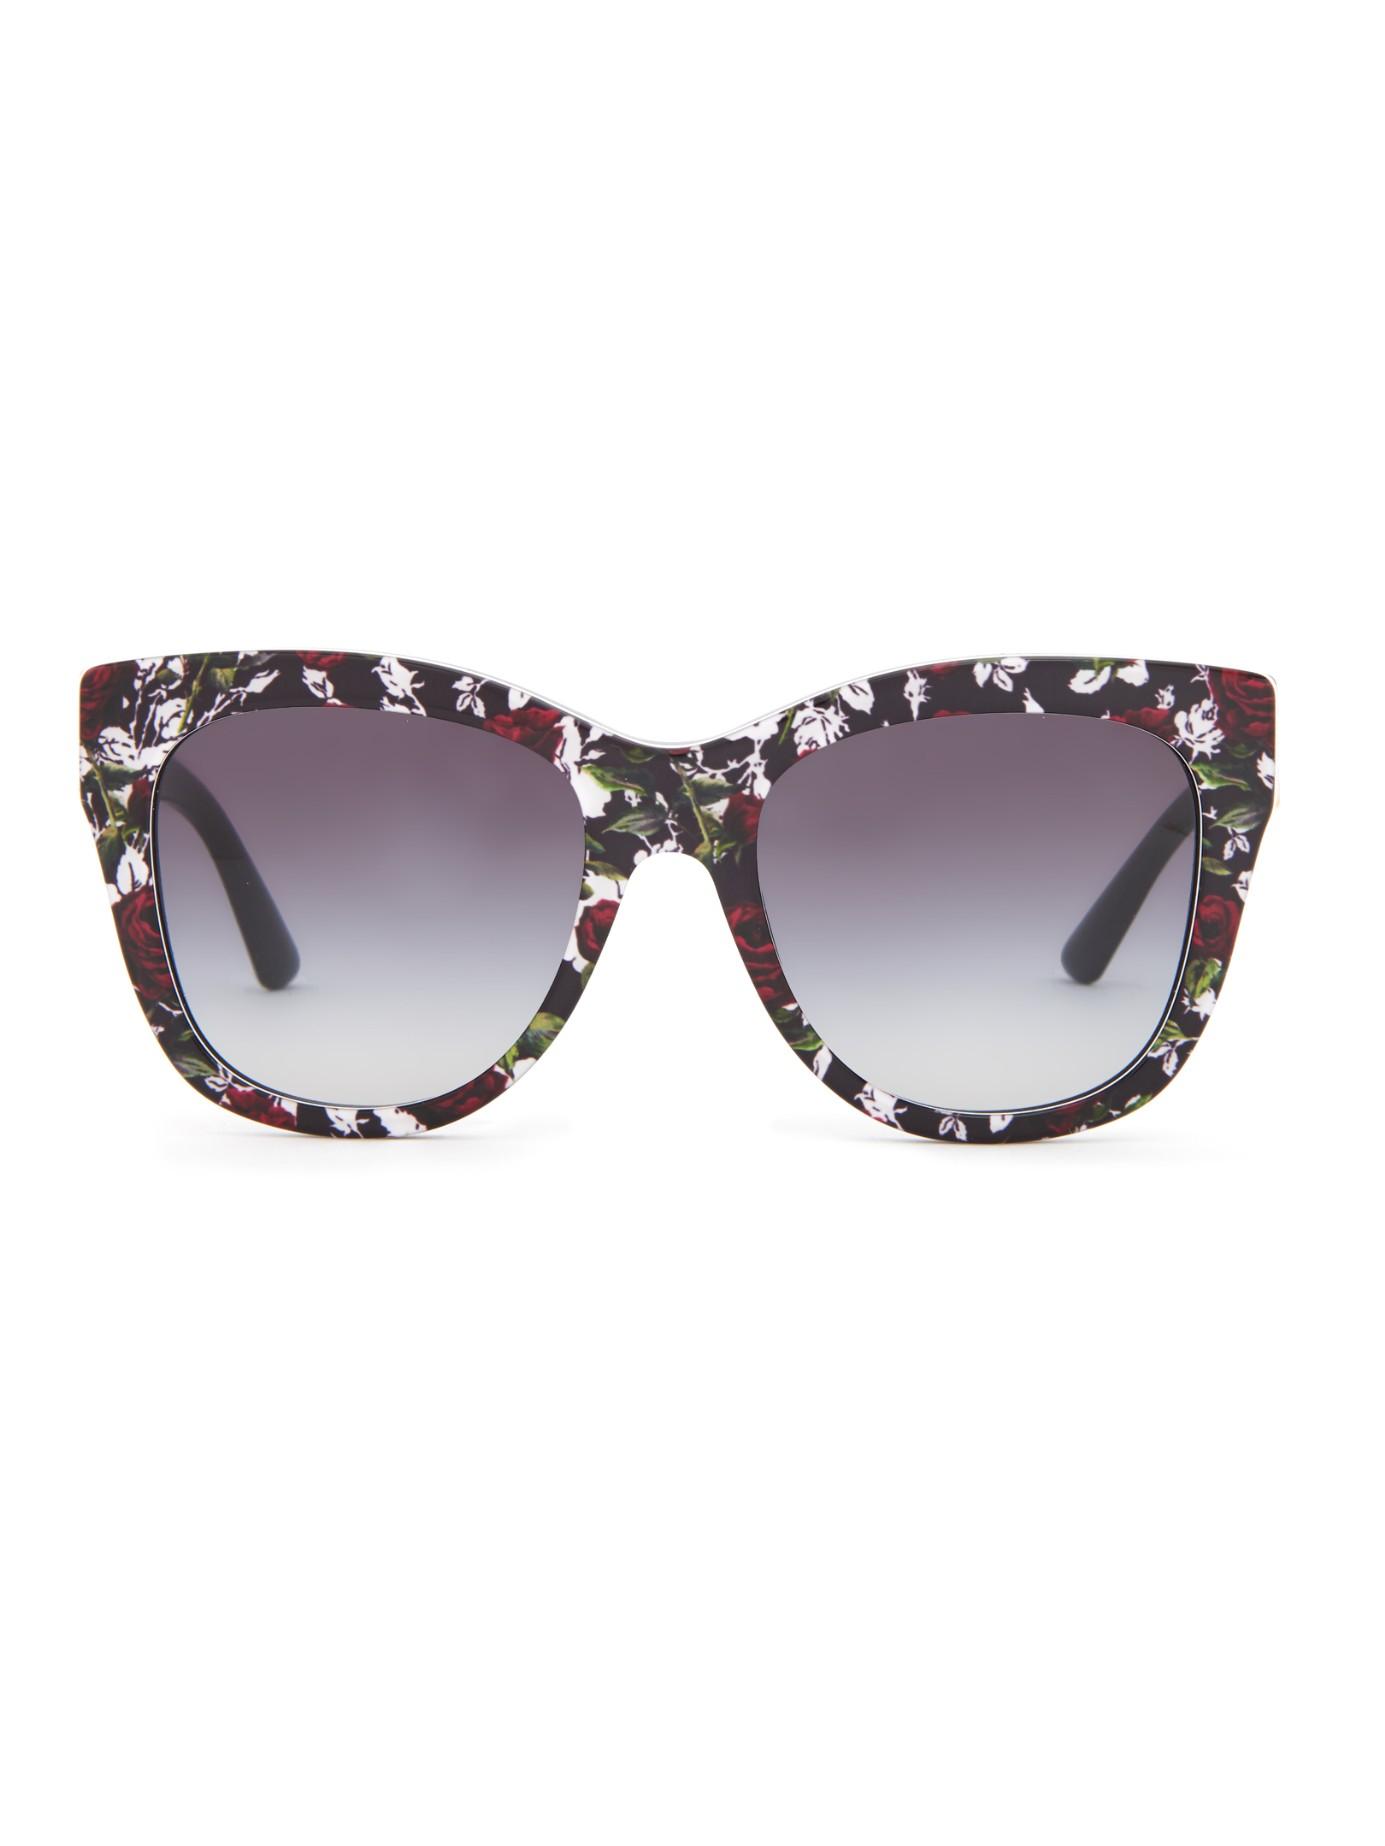 95e317151c44 Lyst - Dolce   Gabbana Rose-print Sunglasses in Black